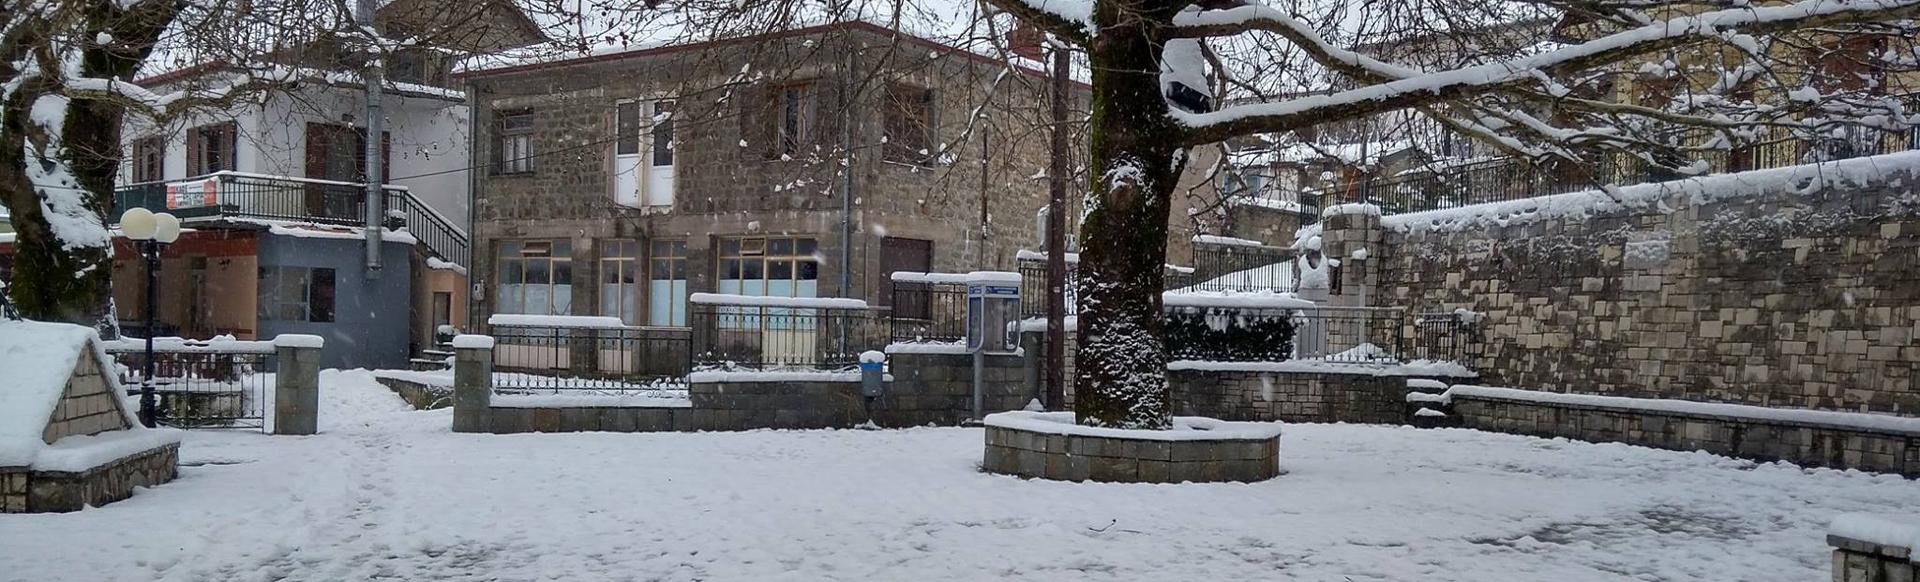 Η Χιονισμένη πλατεία μας!